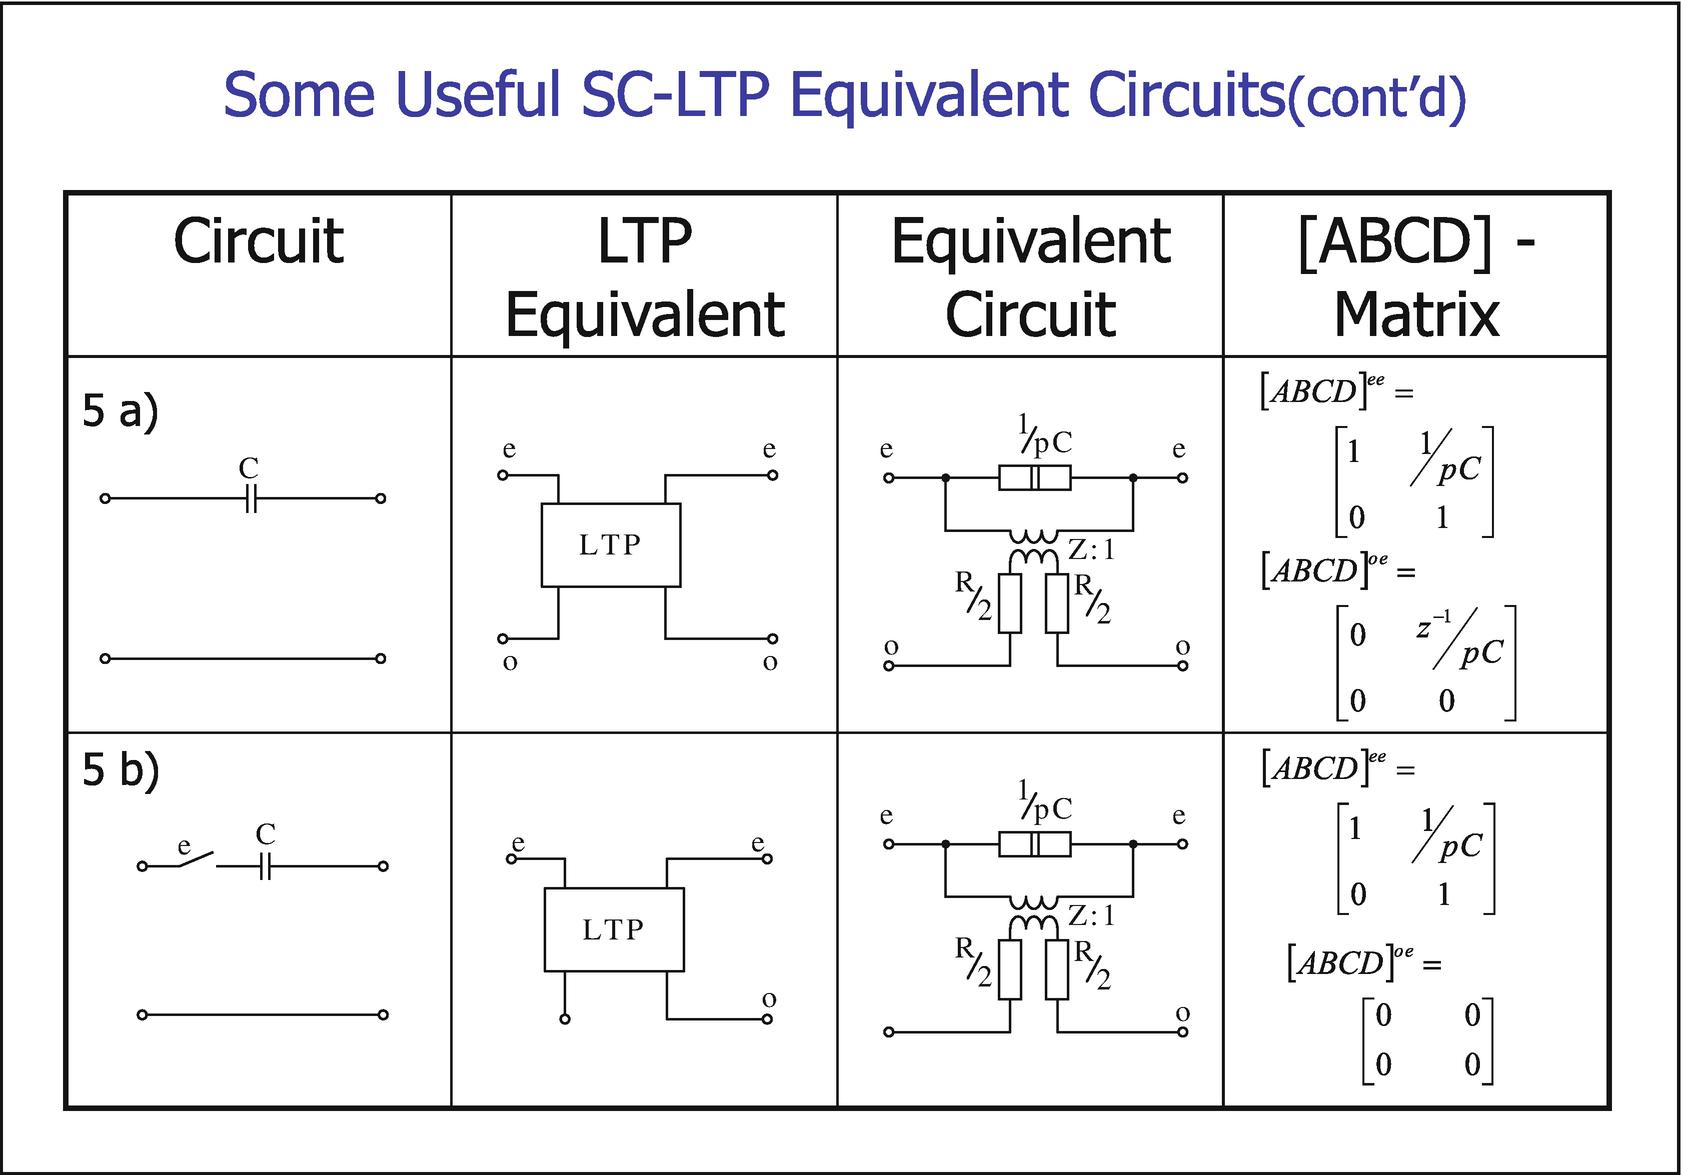 Ab C D Circuit Diagram - Wiring Diagrams Value Ab C D Circuit Diagram on